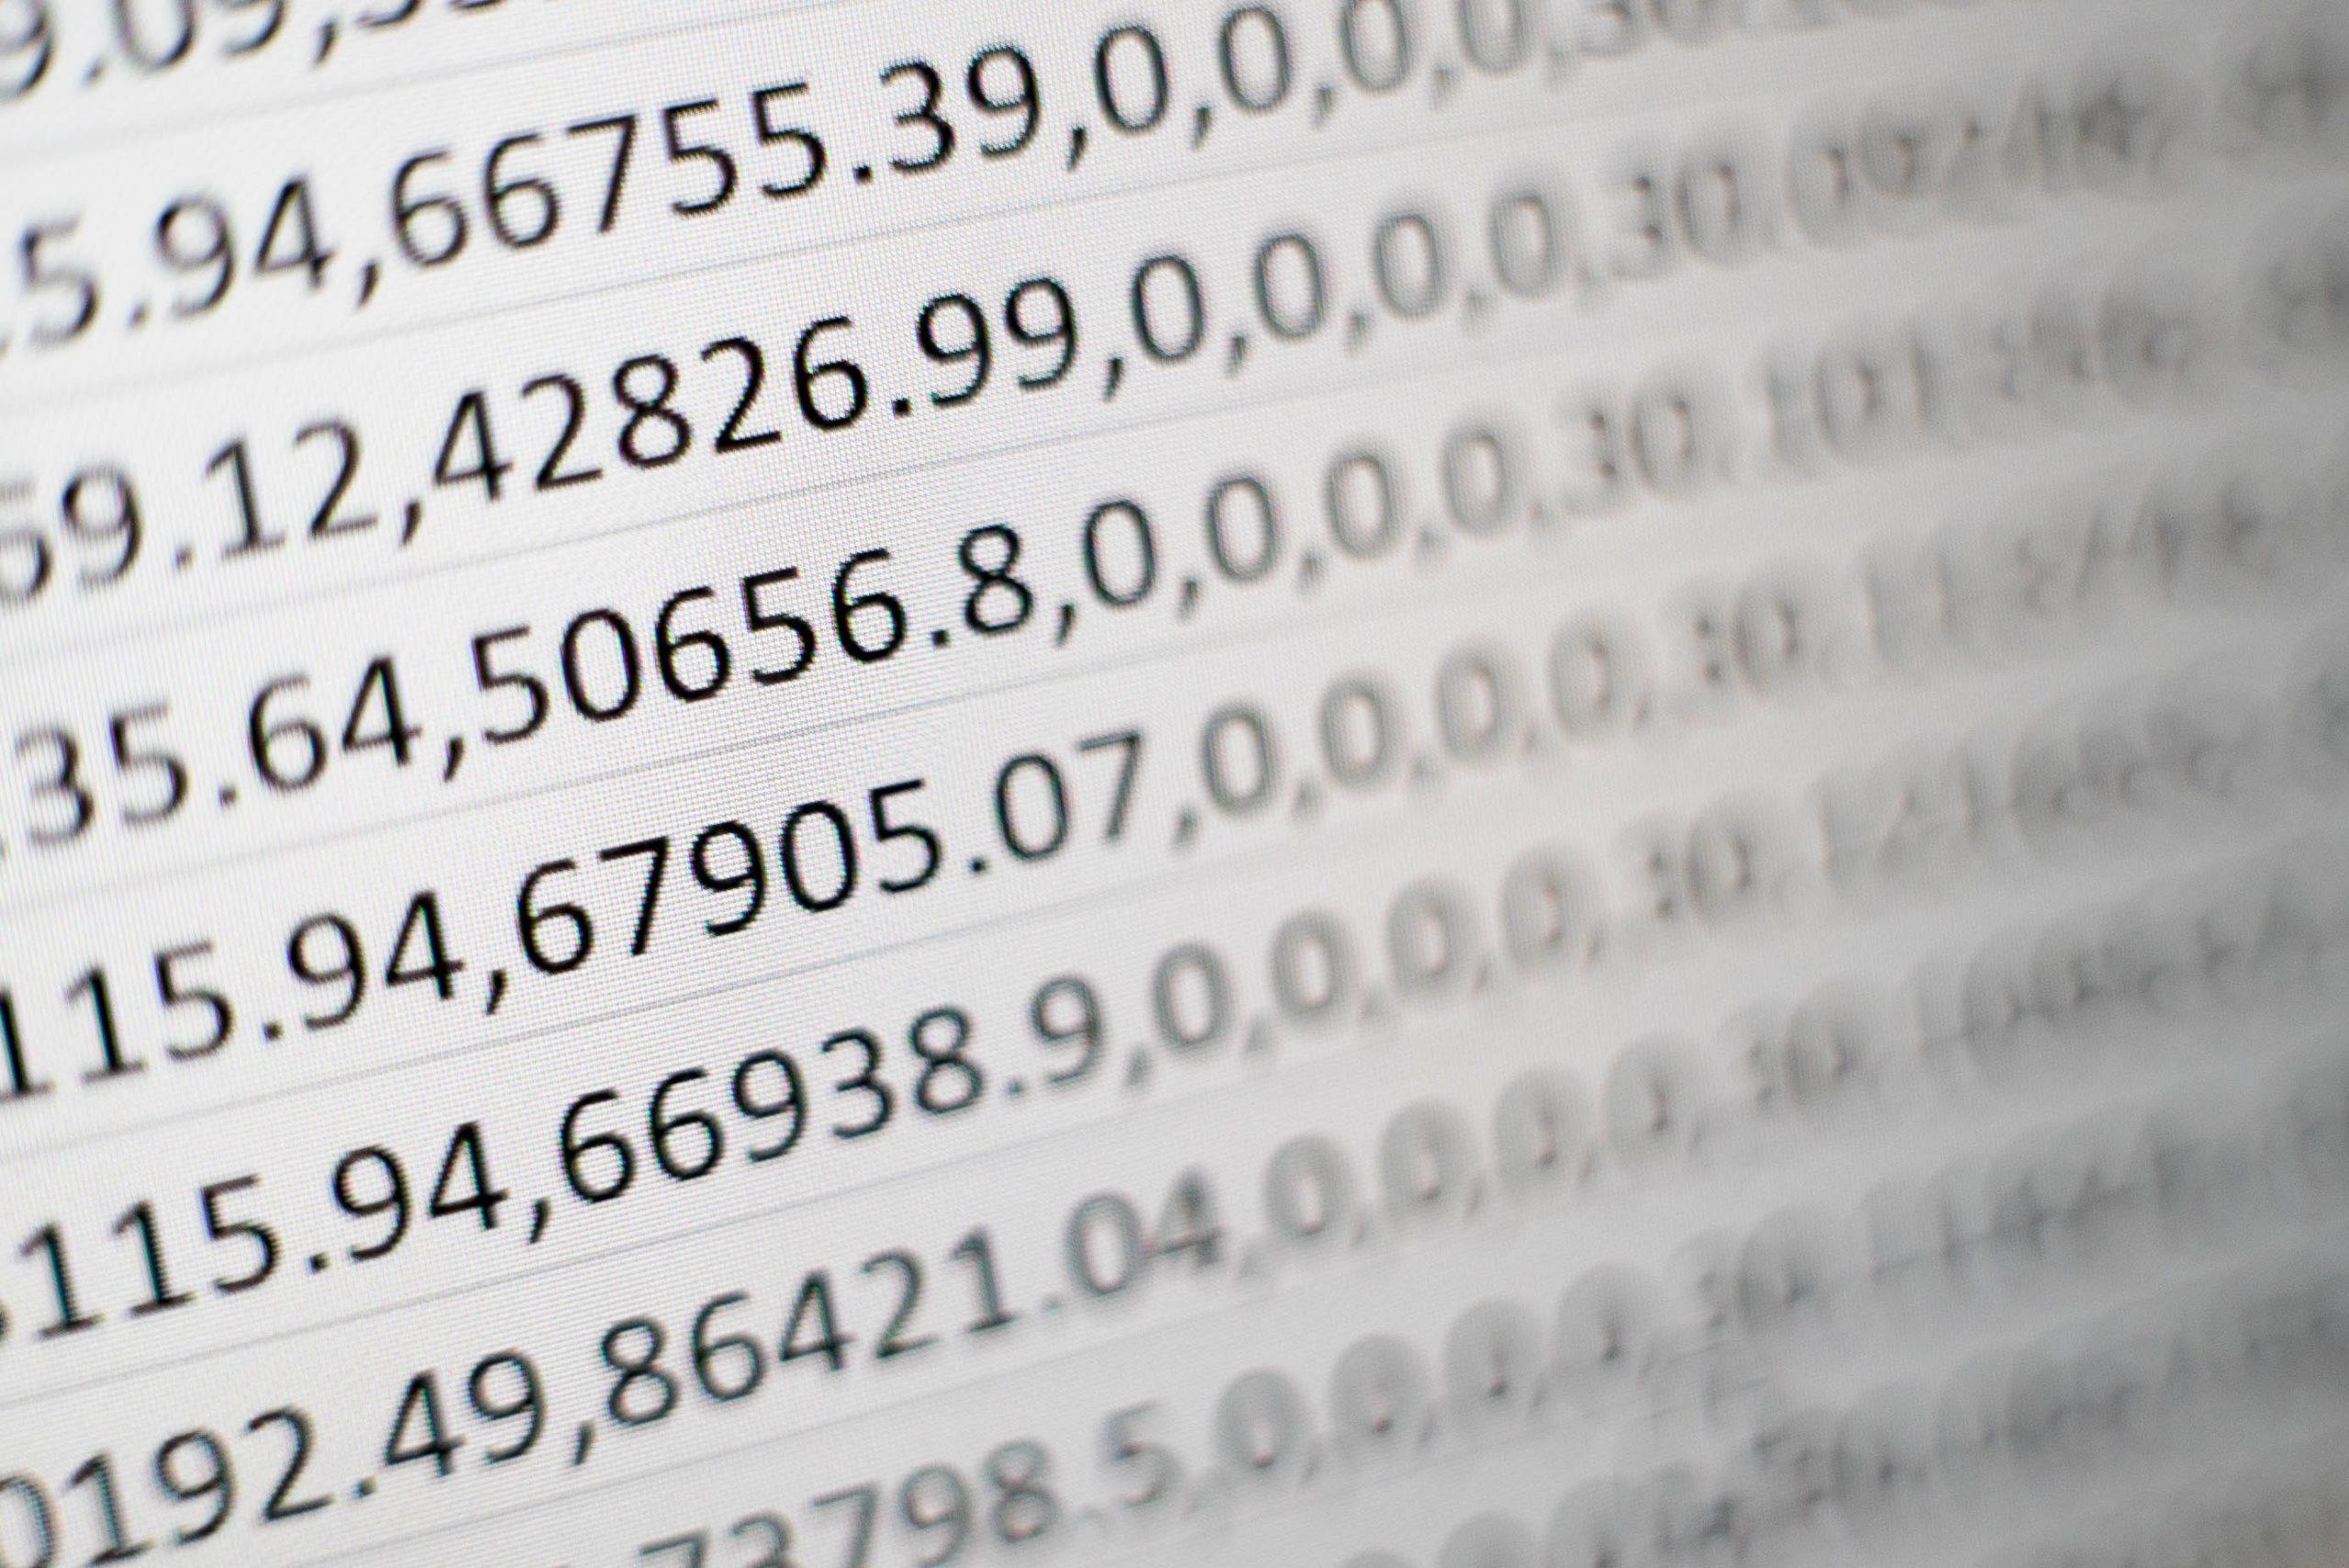 Bild von Code und Zahlen